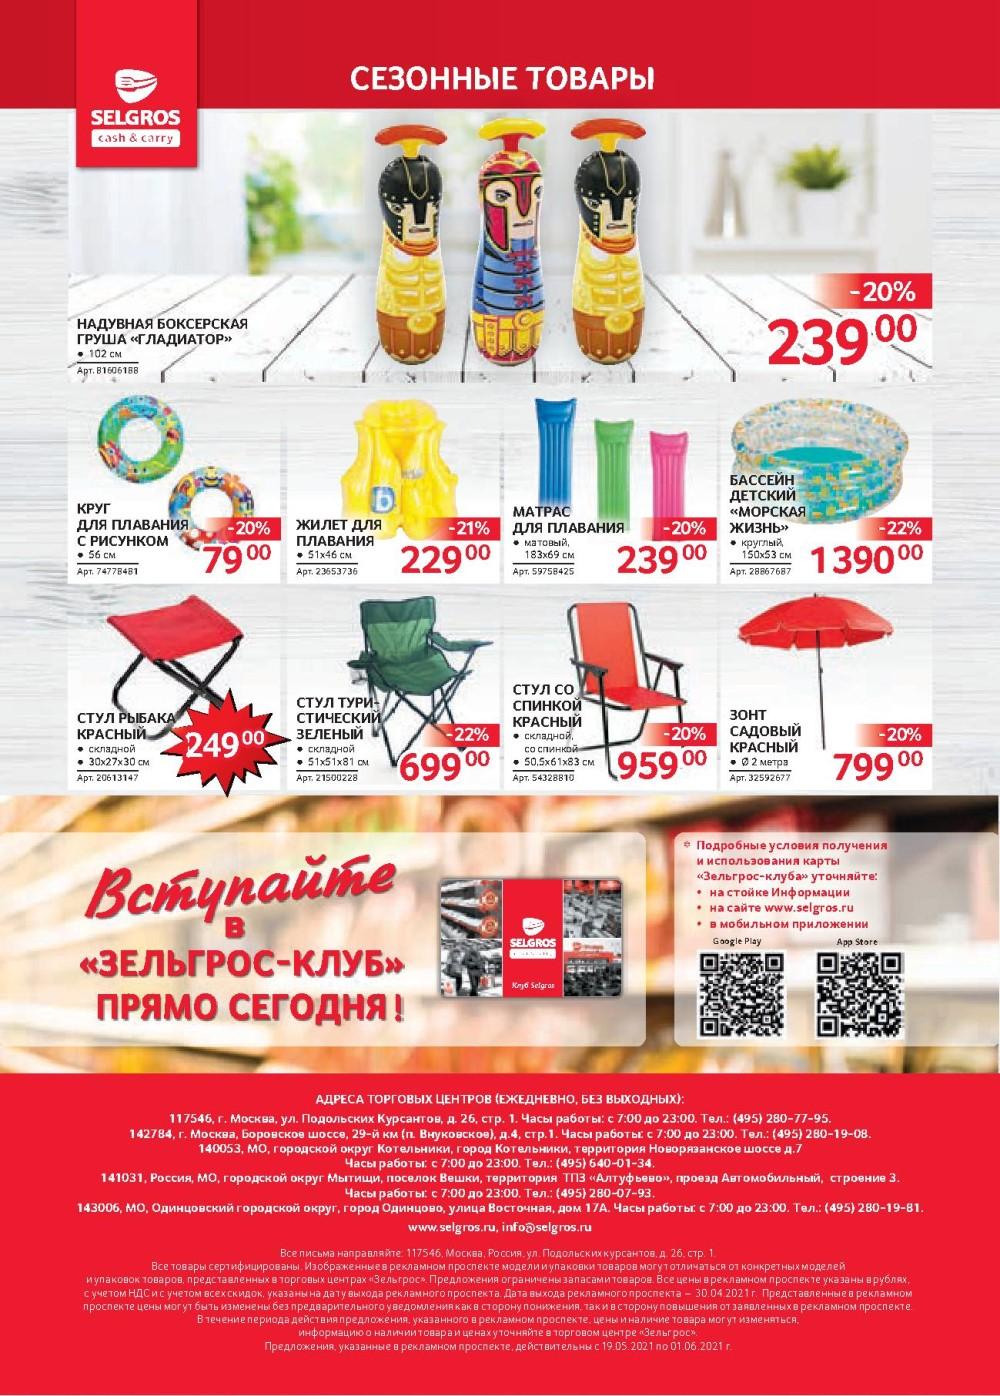 Новый каталог акций в Зельгросе г. Москва